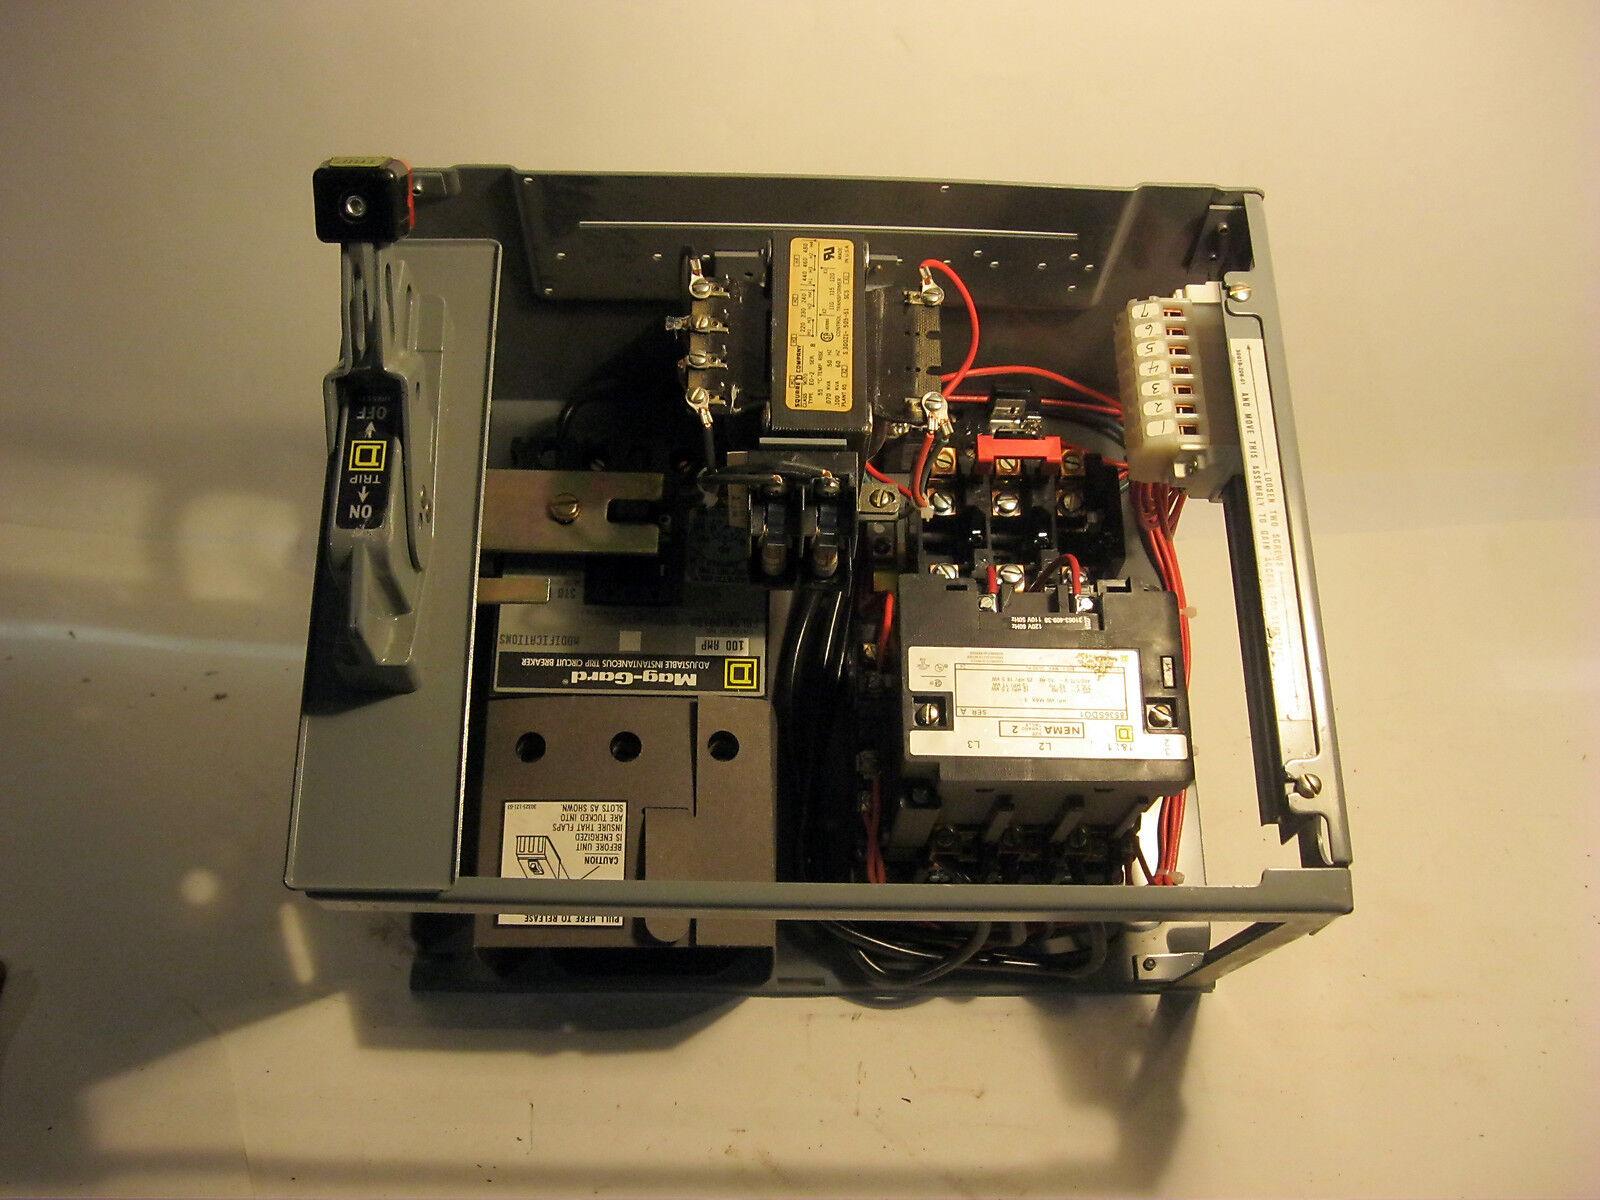 Square Square Square D Controlador De Motor Unidad e-659652 ed404 100 Amp Viaje Caja instantánea 46f4ba